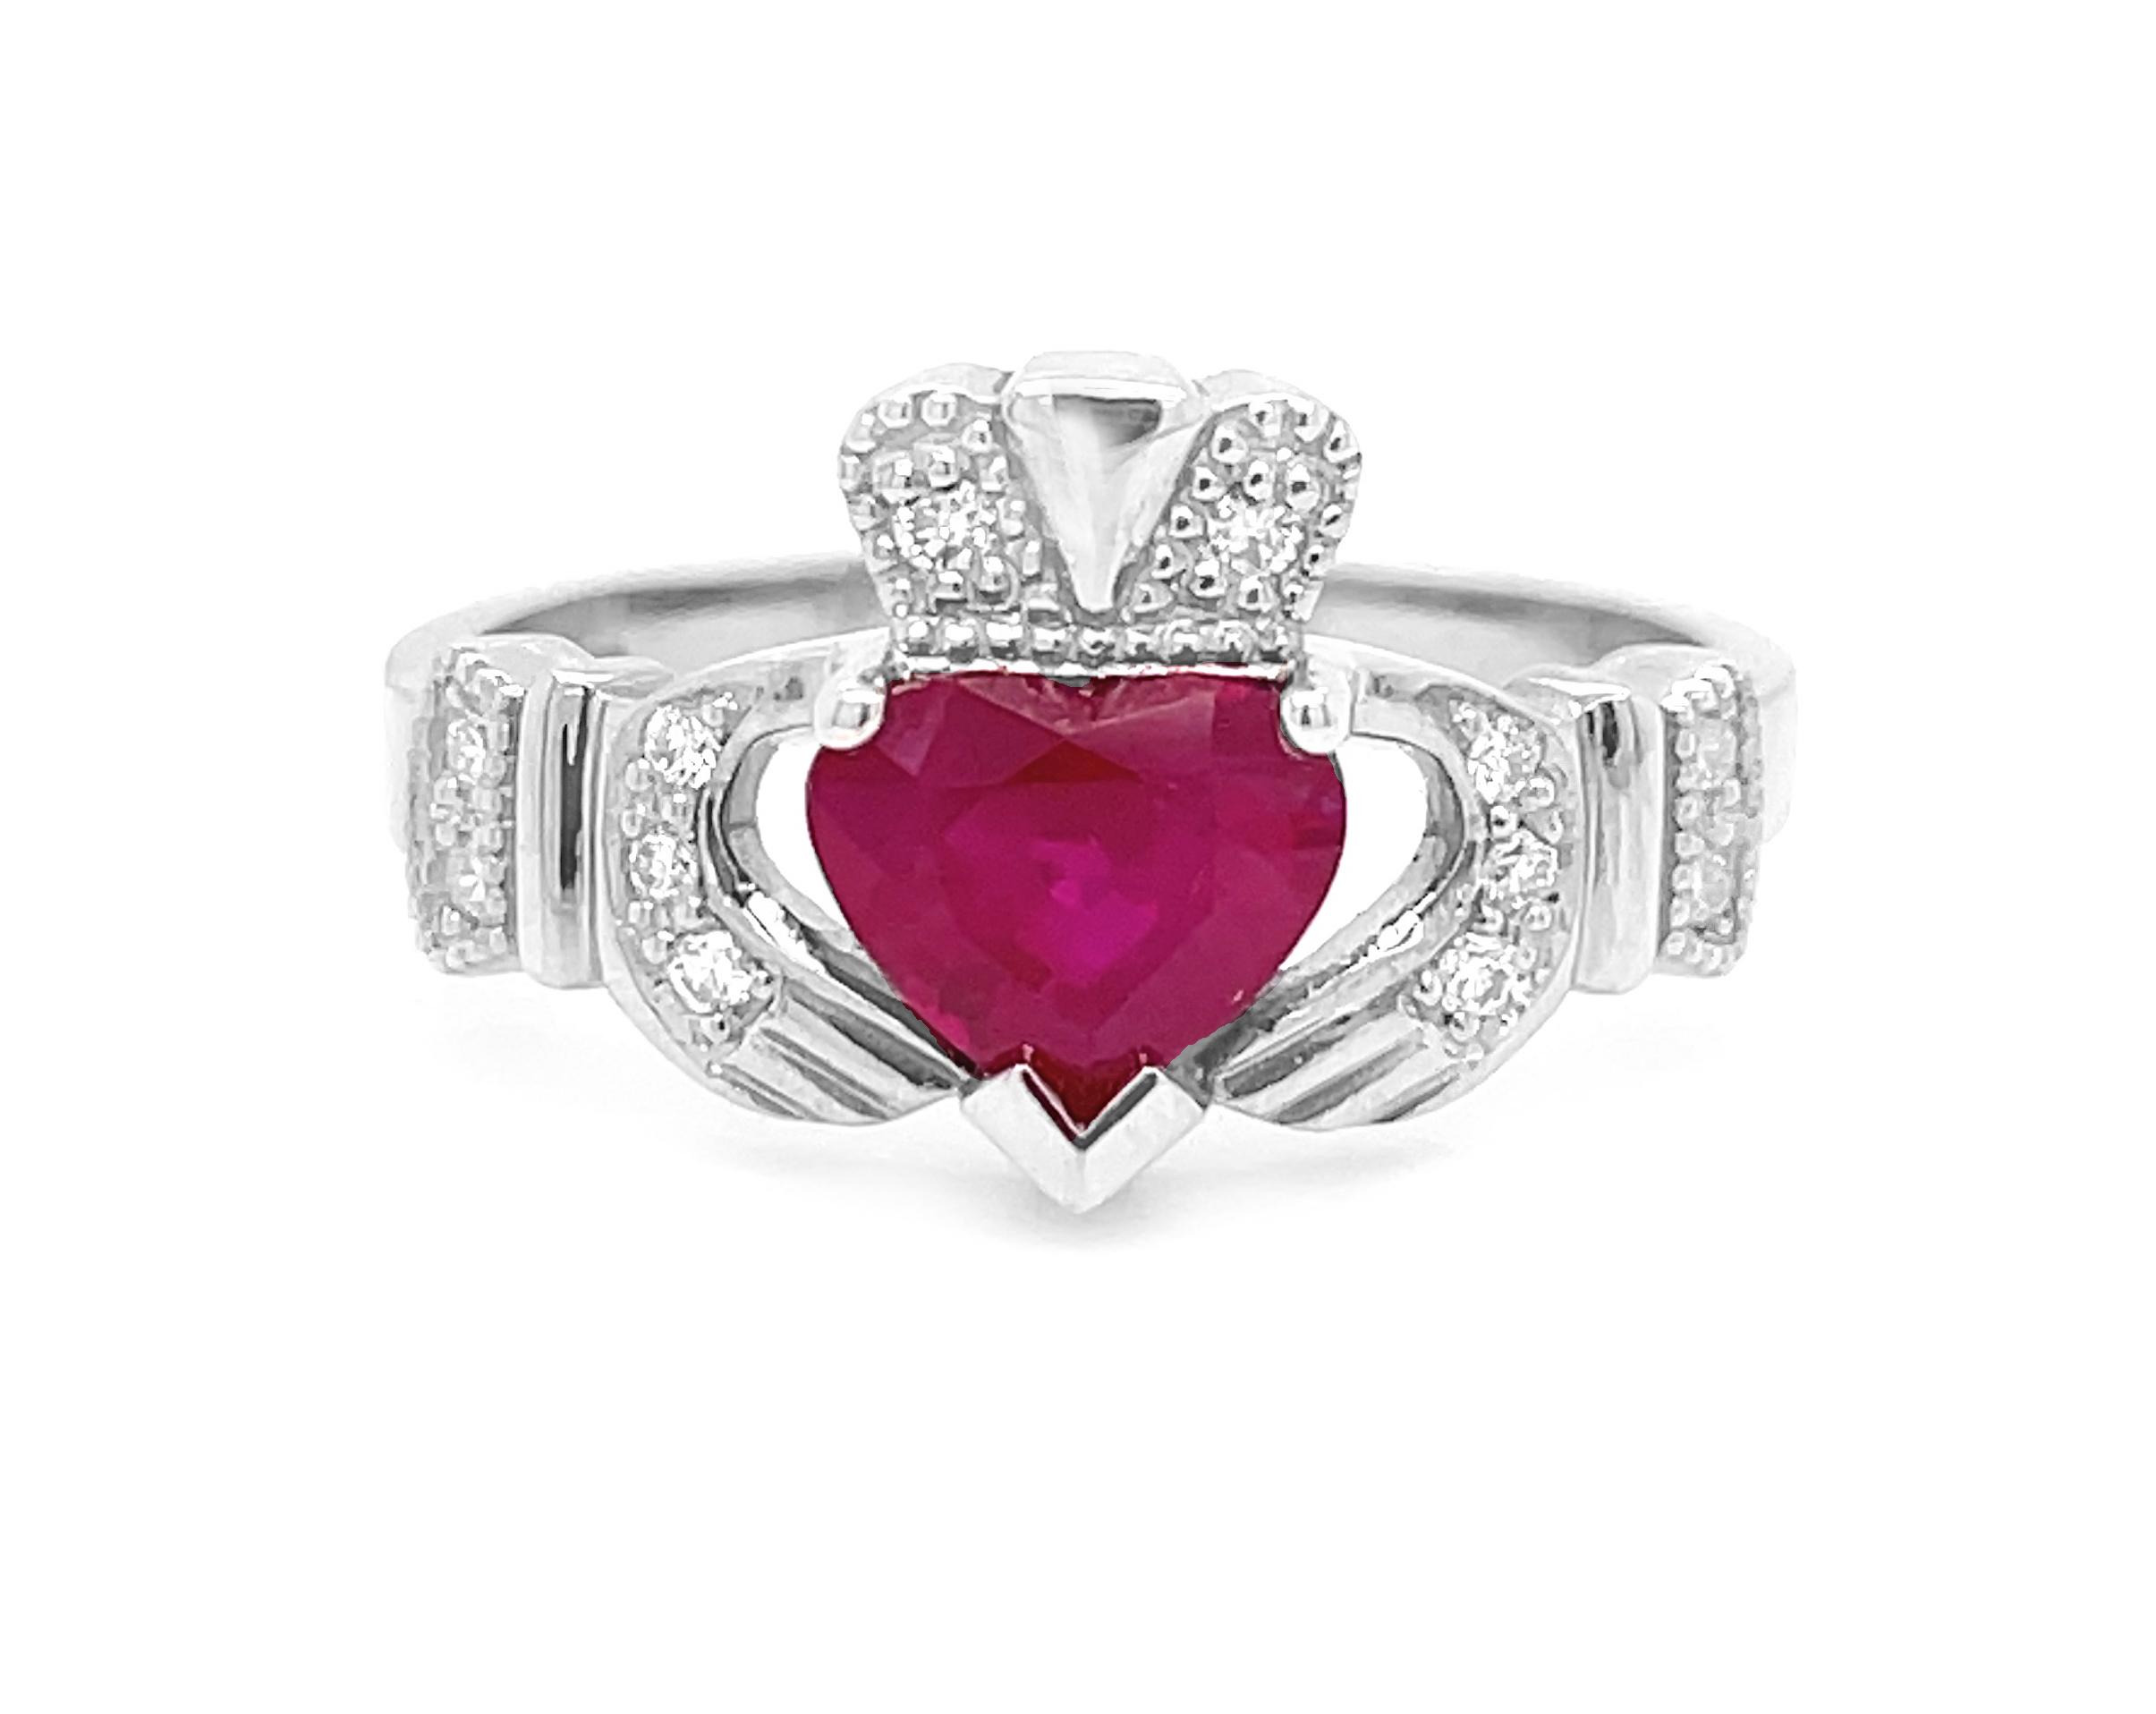 1.56 Carat Ruby Claddagh Ring